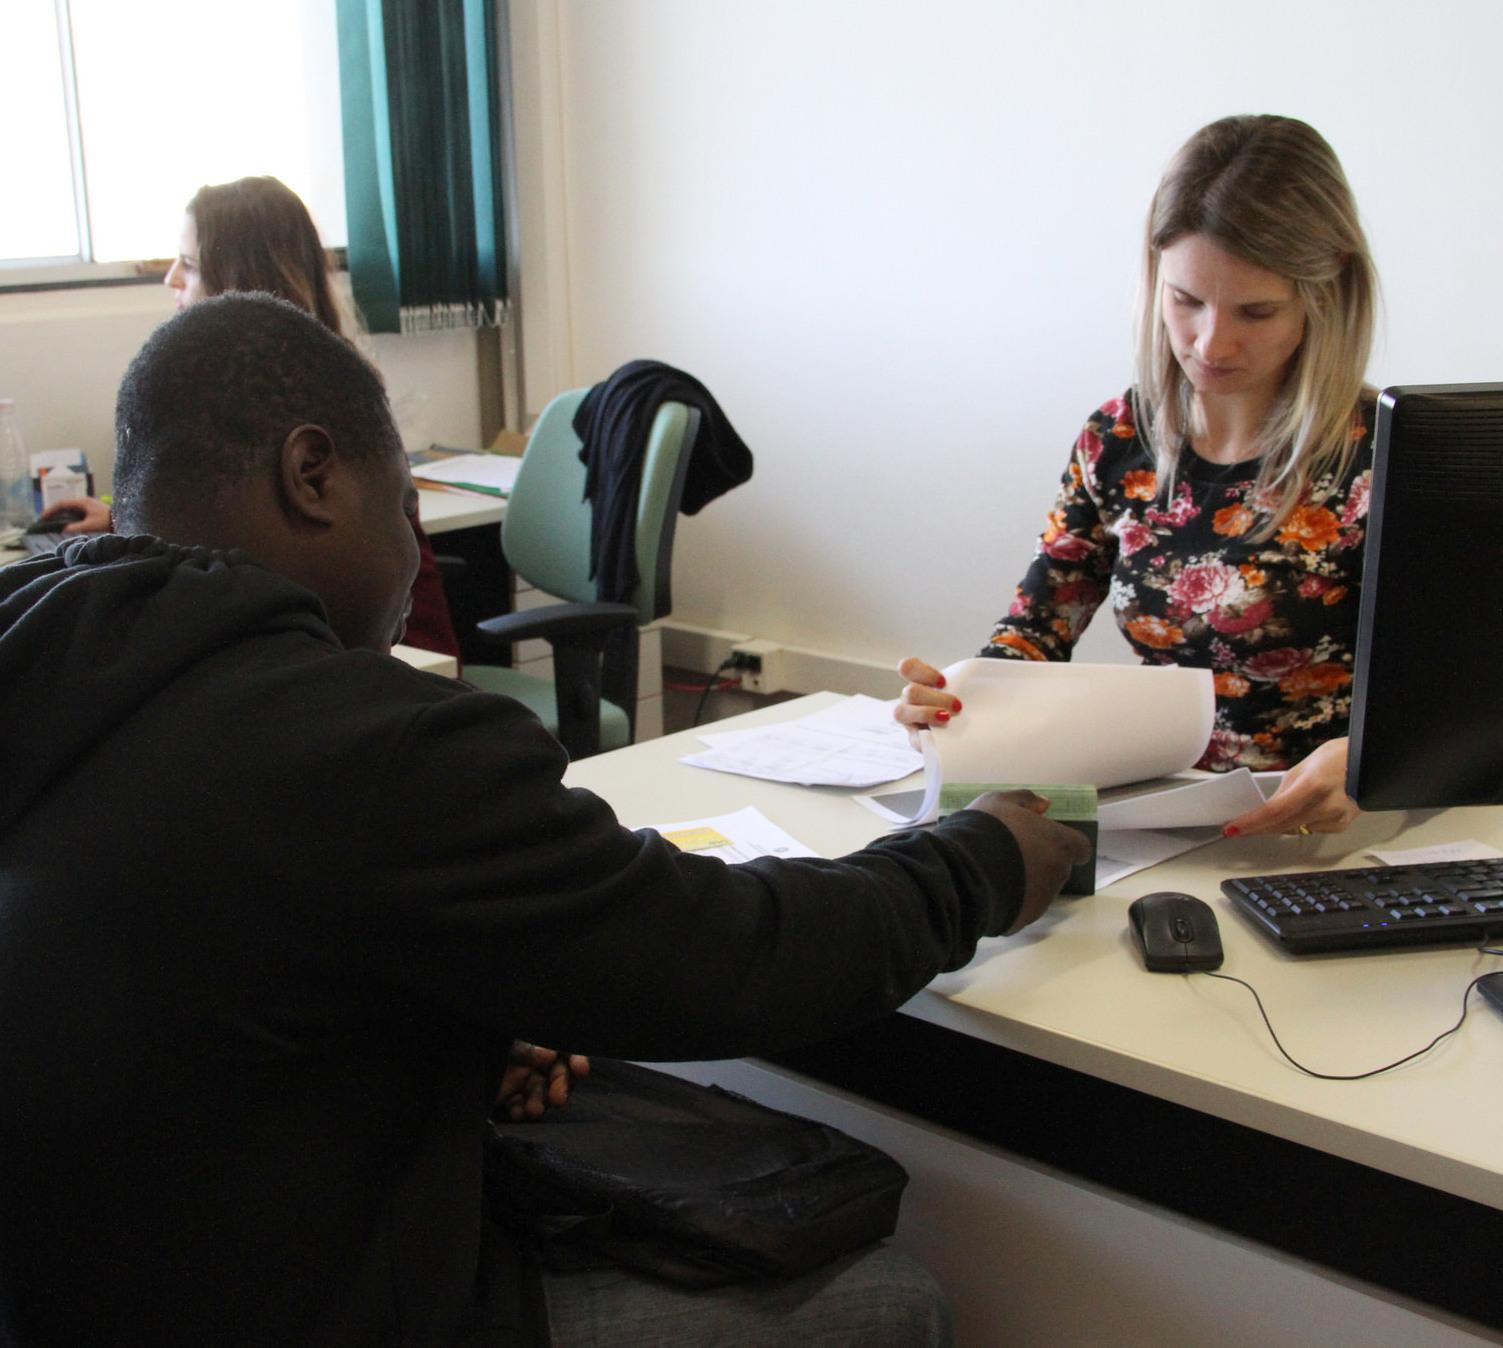 Duas pessoas sentadas, uma de cada lado de uma mesa durante um atendimento na assistência estudantil da UFFS